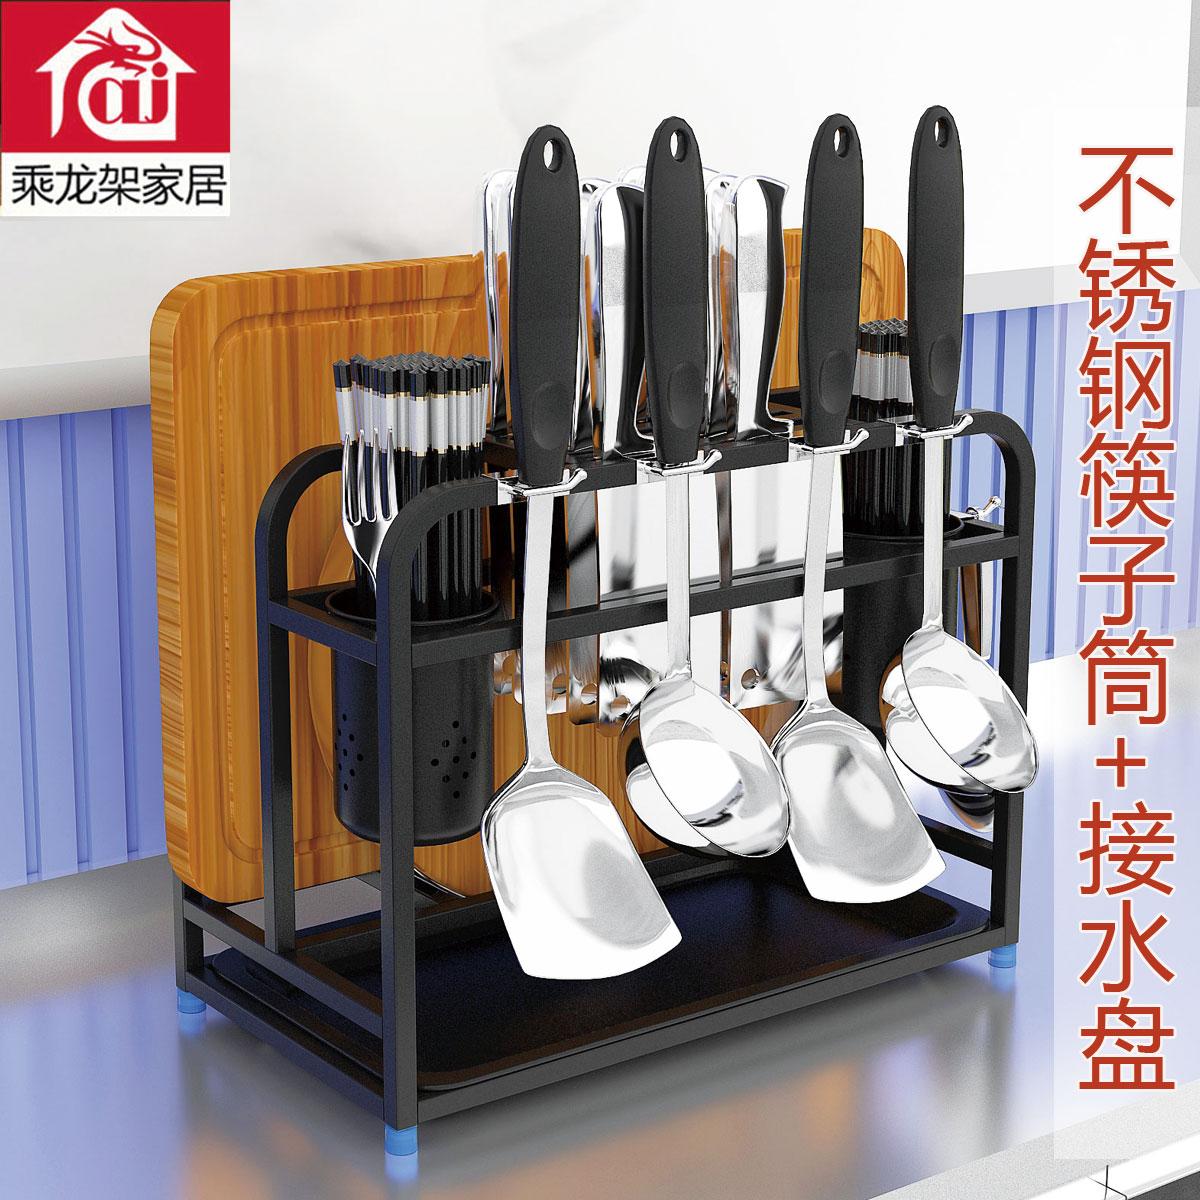 多功能不鏽鋼刀架刀座砧板架筷子筒廚房置物架菜板刀具用品收納架